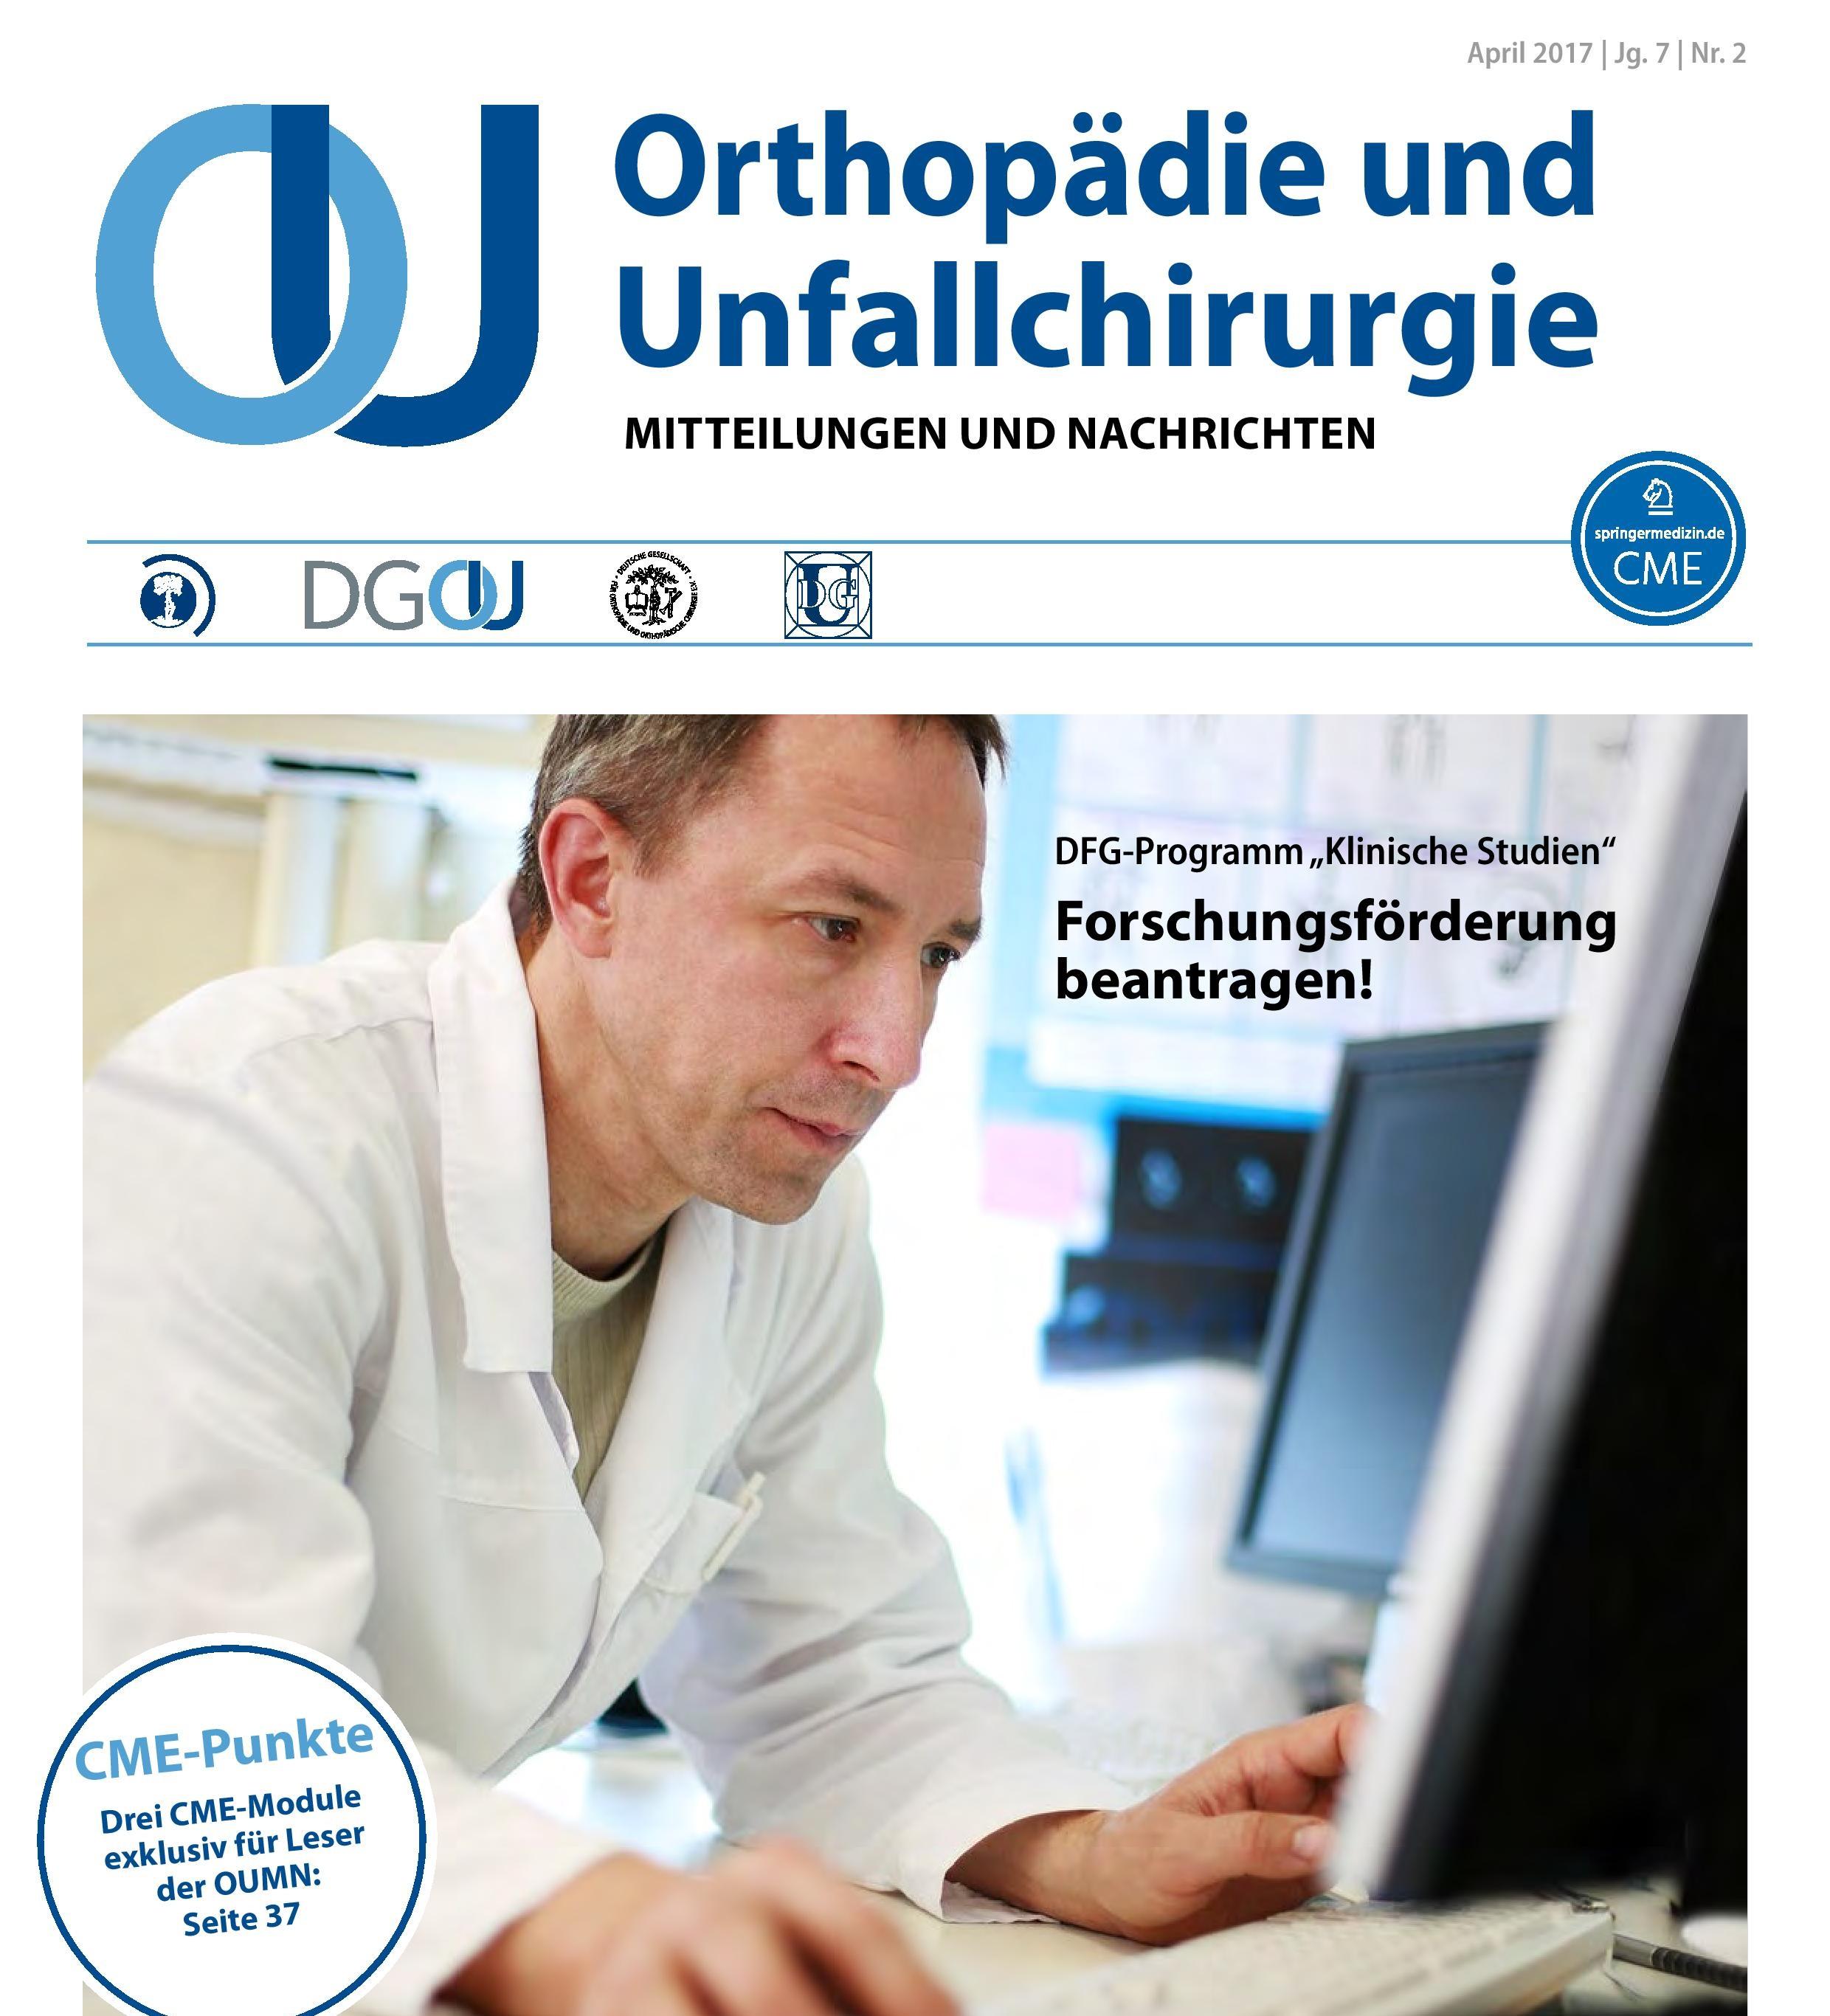 Orthopädie und Unfallchirurgie - Mitteilungen und Nachrichten (OUMN) 2/17